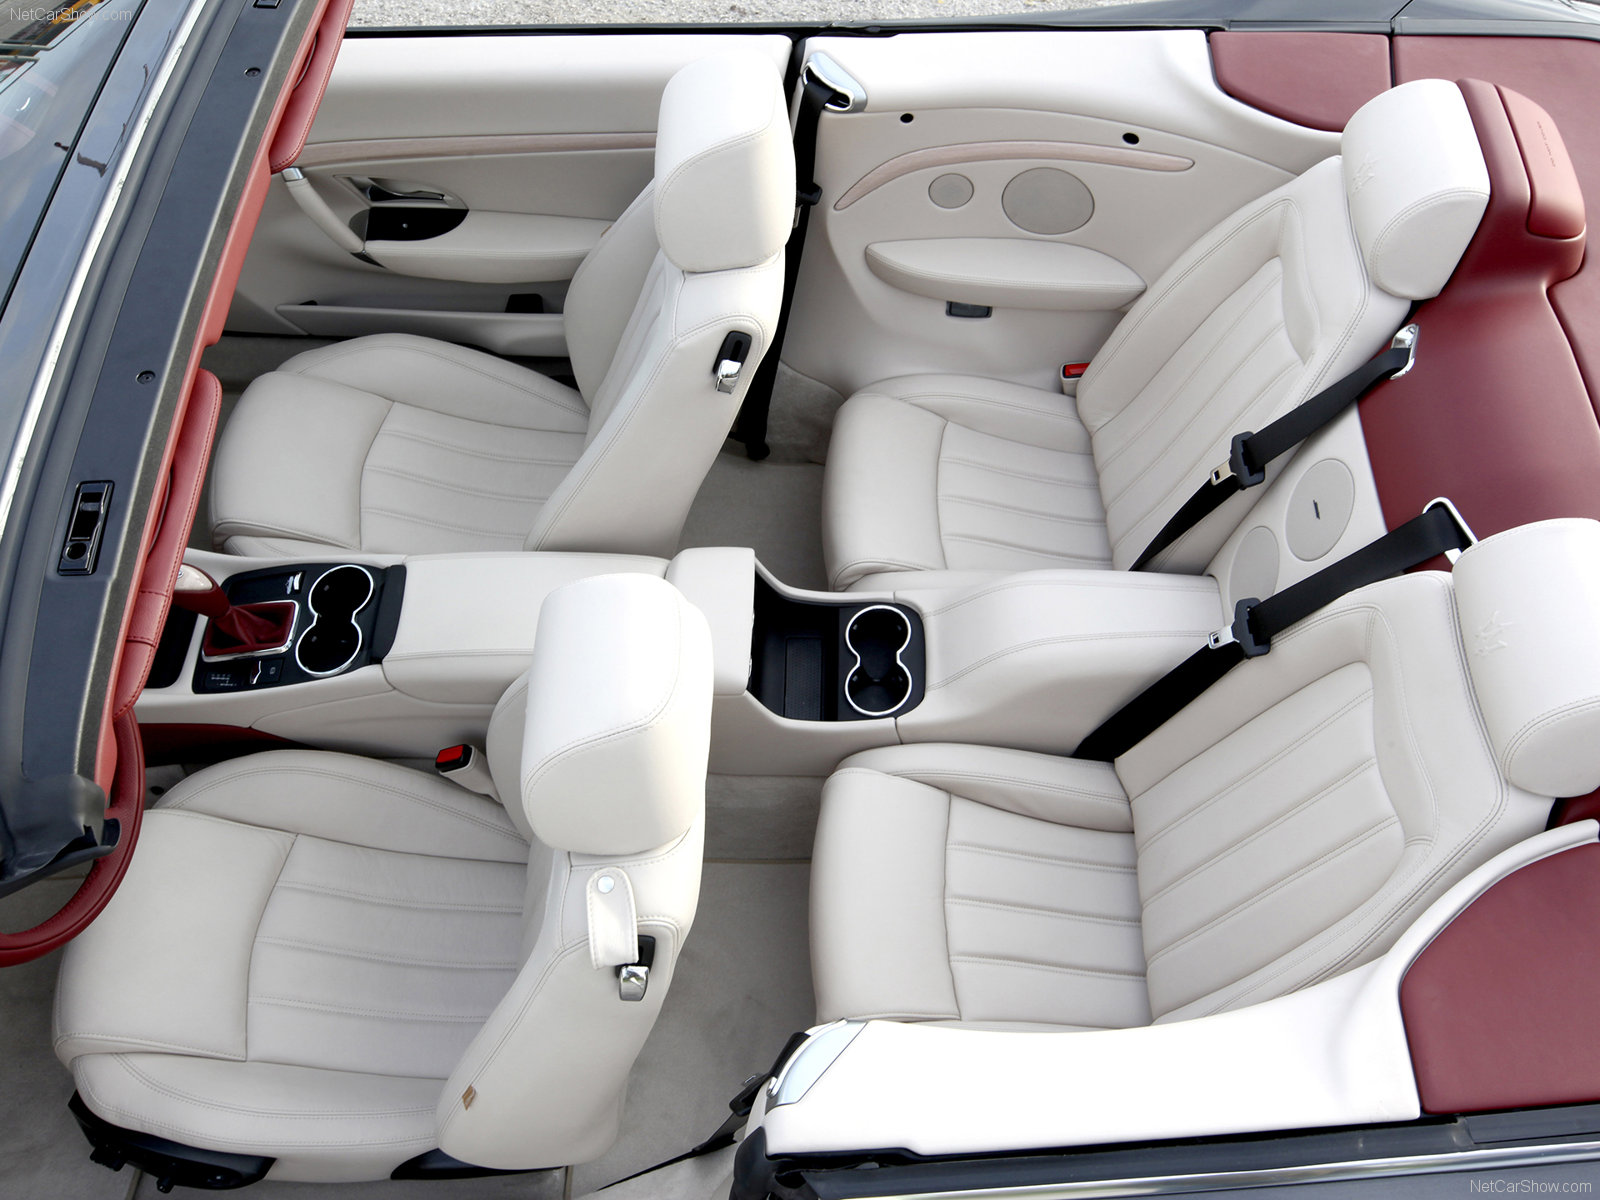 Hình ảnh siêu xe Maserati GranCabrio 2011 & nội ngoại thất